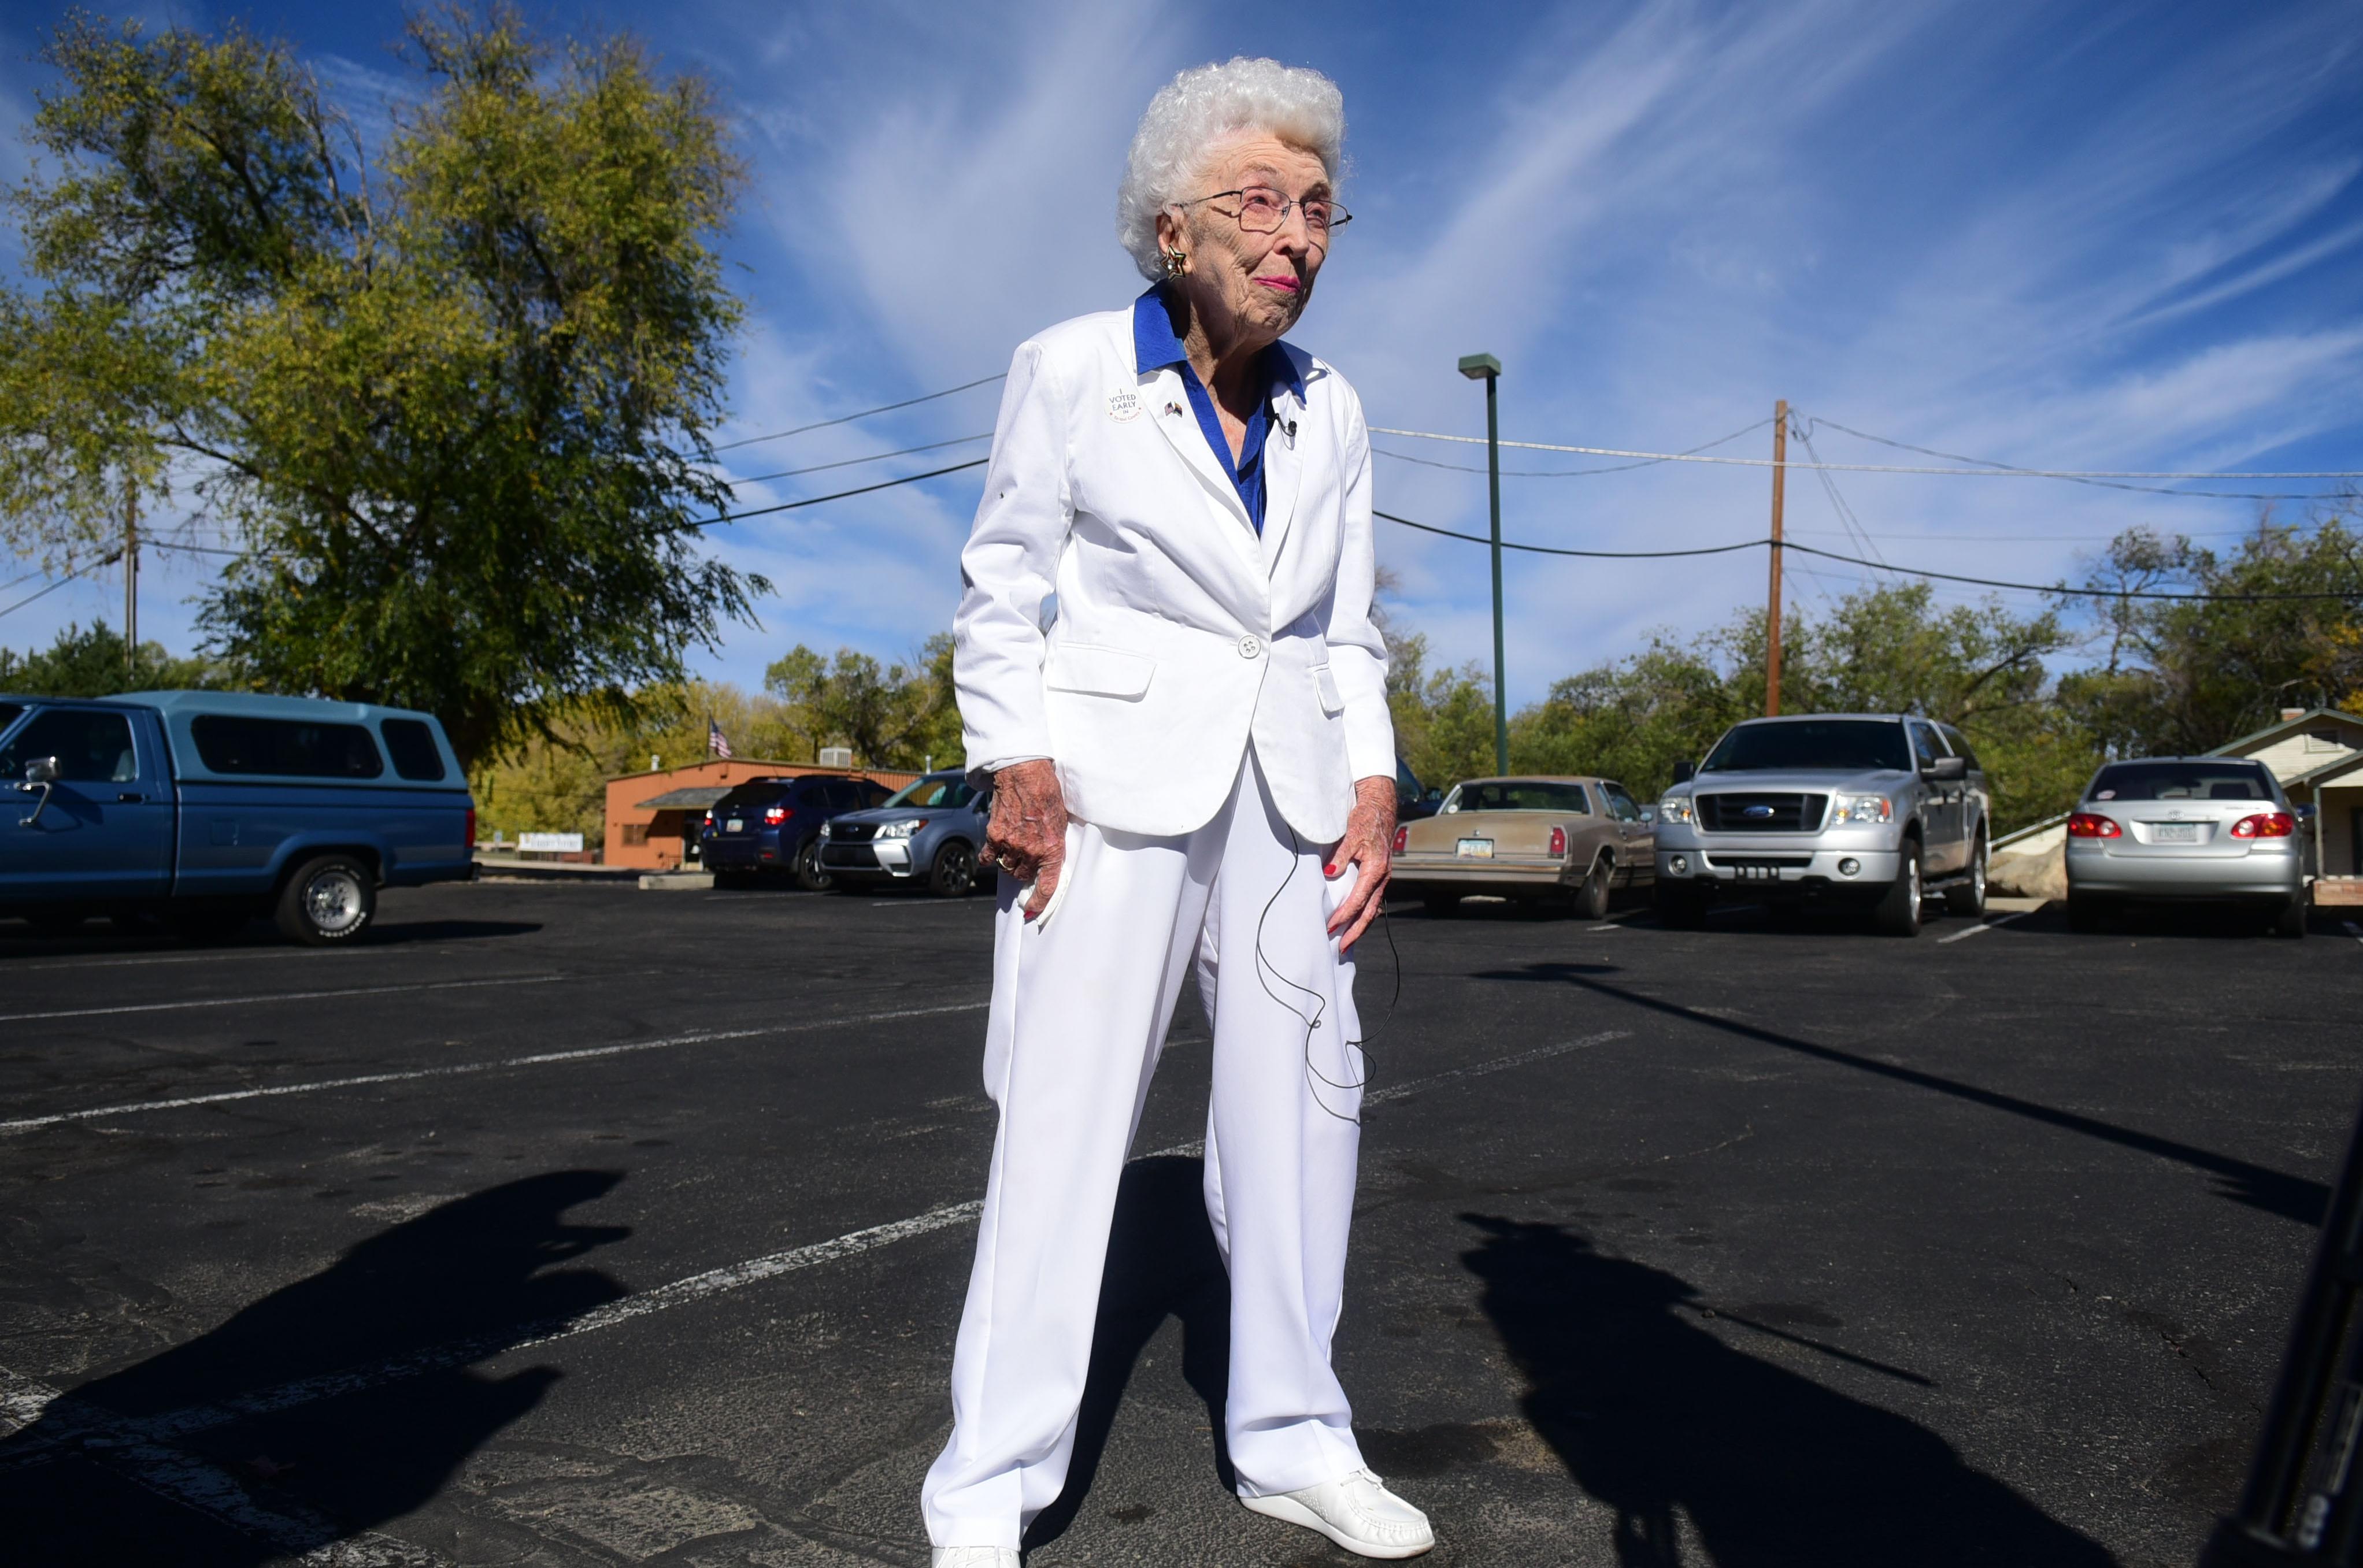 Arizona centenarian casts early vote for Hillary Clinton